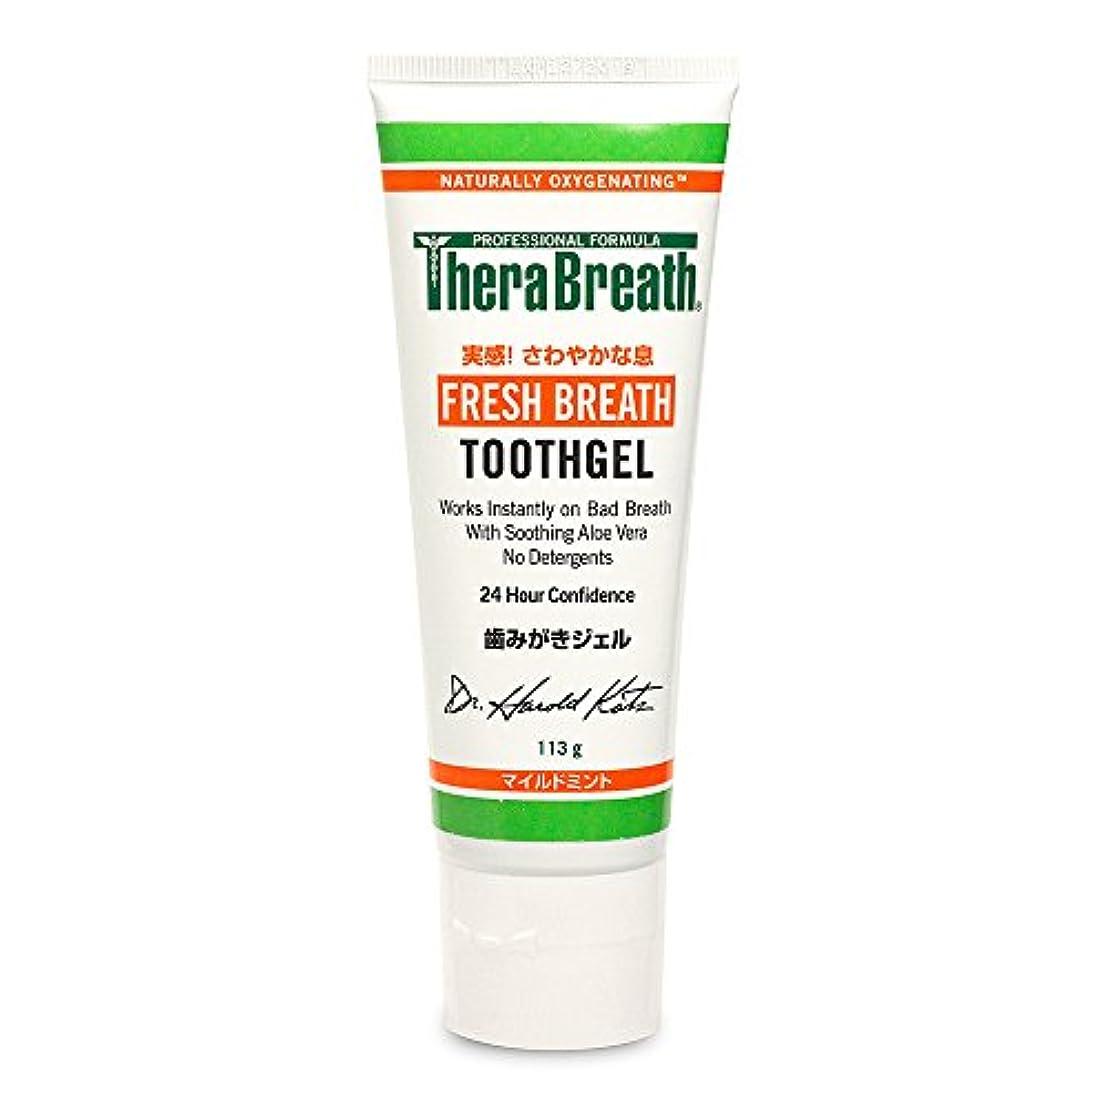 溶ける週間アセンブリTheraBreath (セラブレス) セラブレストゥースジェル 113g (正規輸入品) 舌磨き